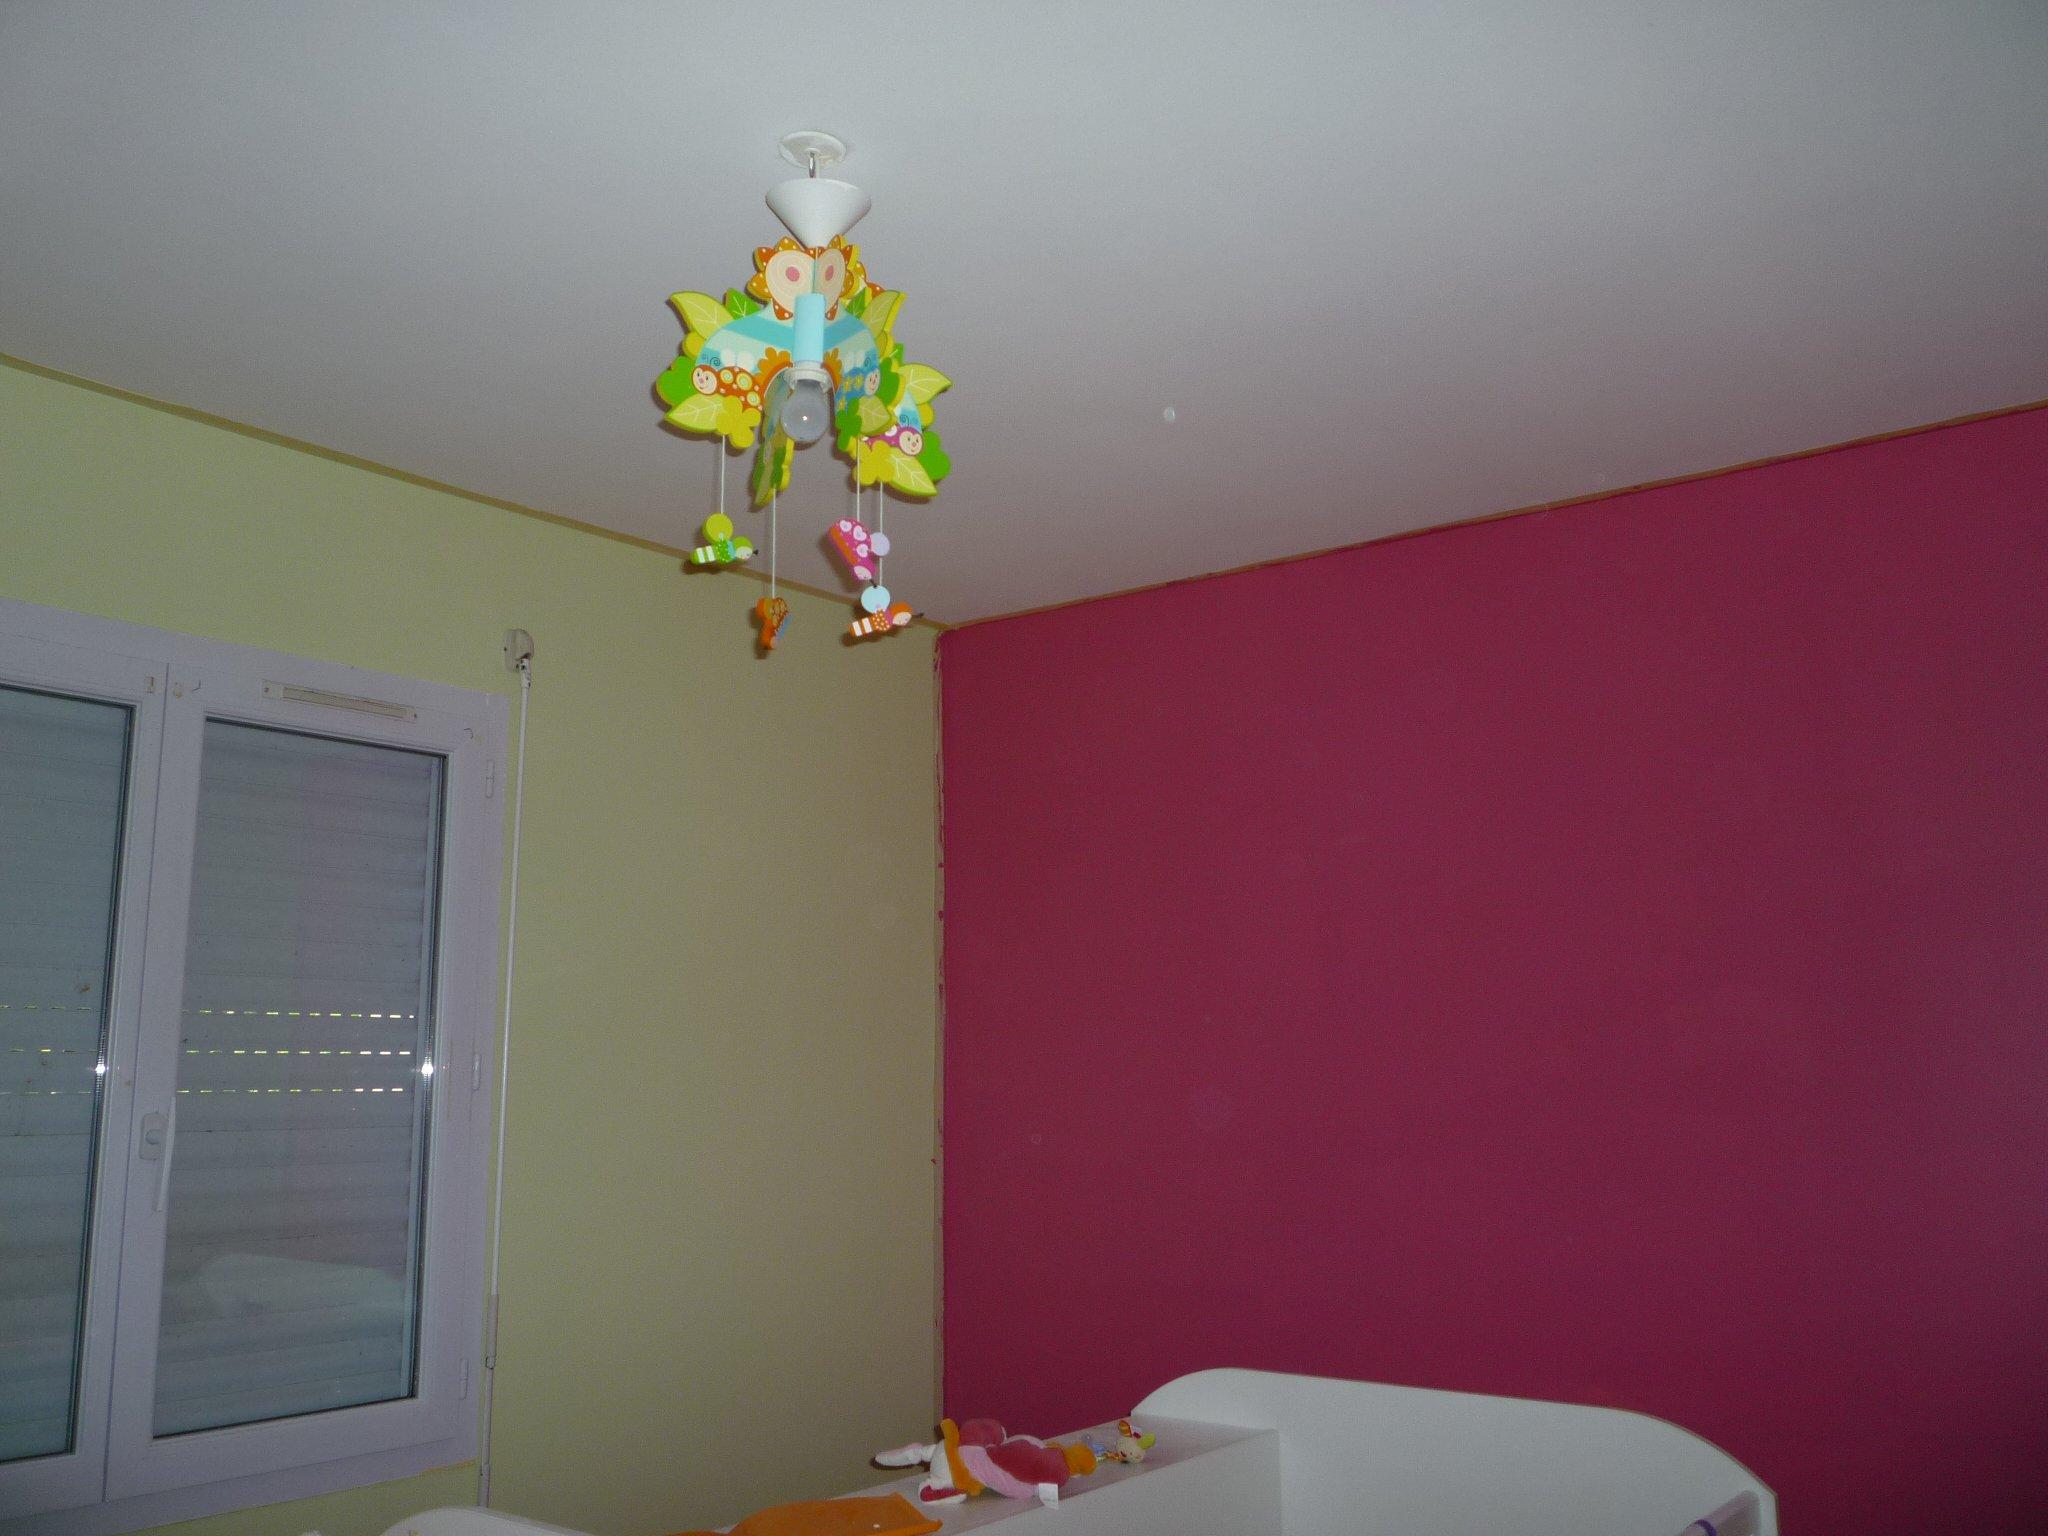 besoin d\'idées pour la chambre fushia & vert anis - Chambre de bébé ...